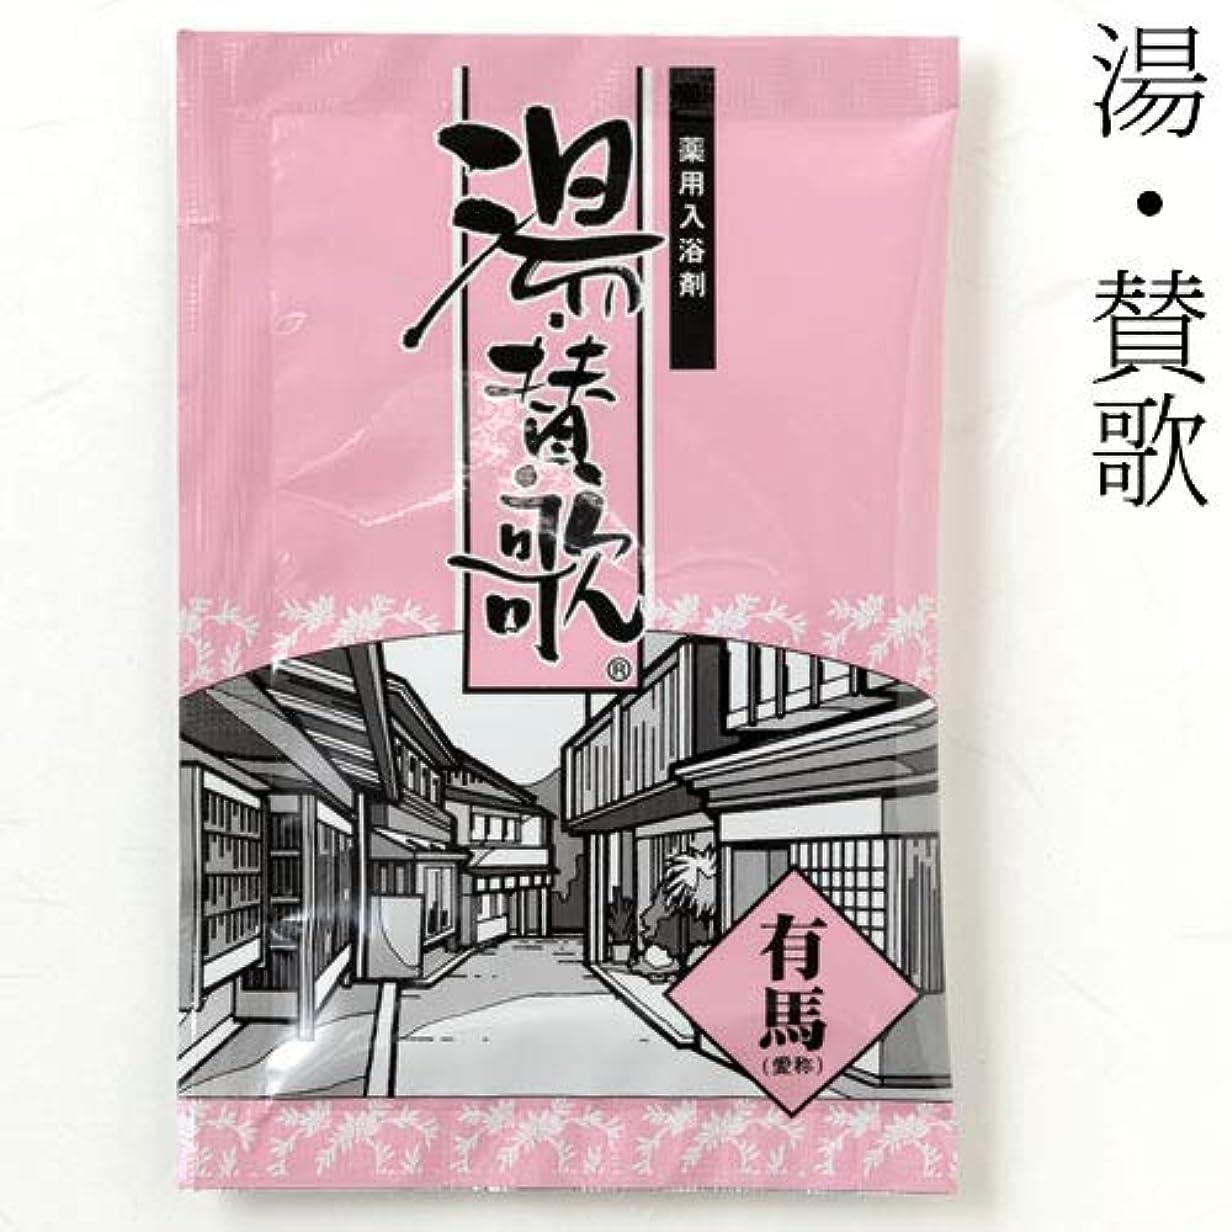 赤道確立きらめき入浴剤湯?賛歌有馬1包石川県のお風呂グッズBath additive, Ishikawa craft